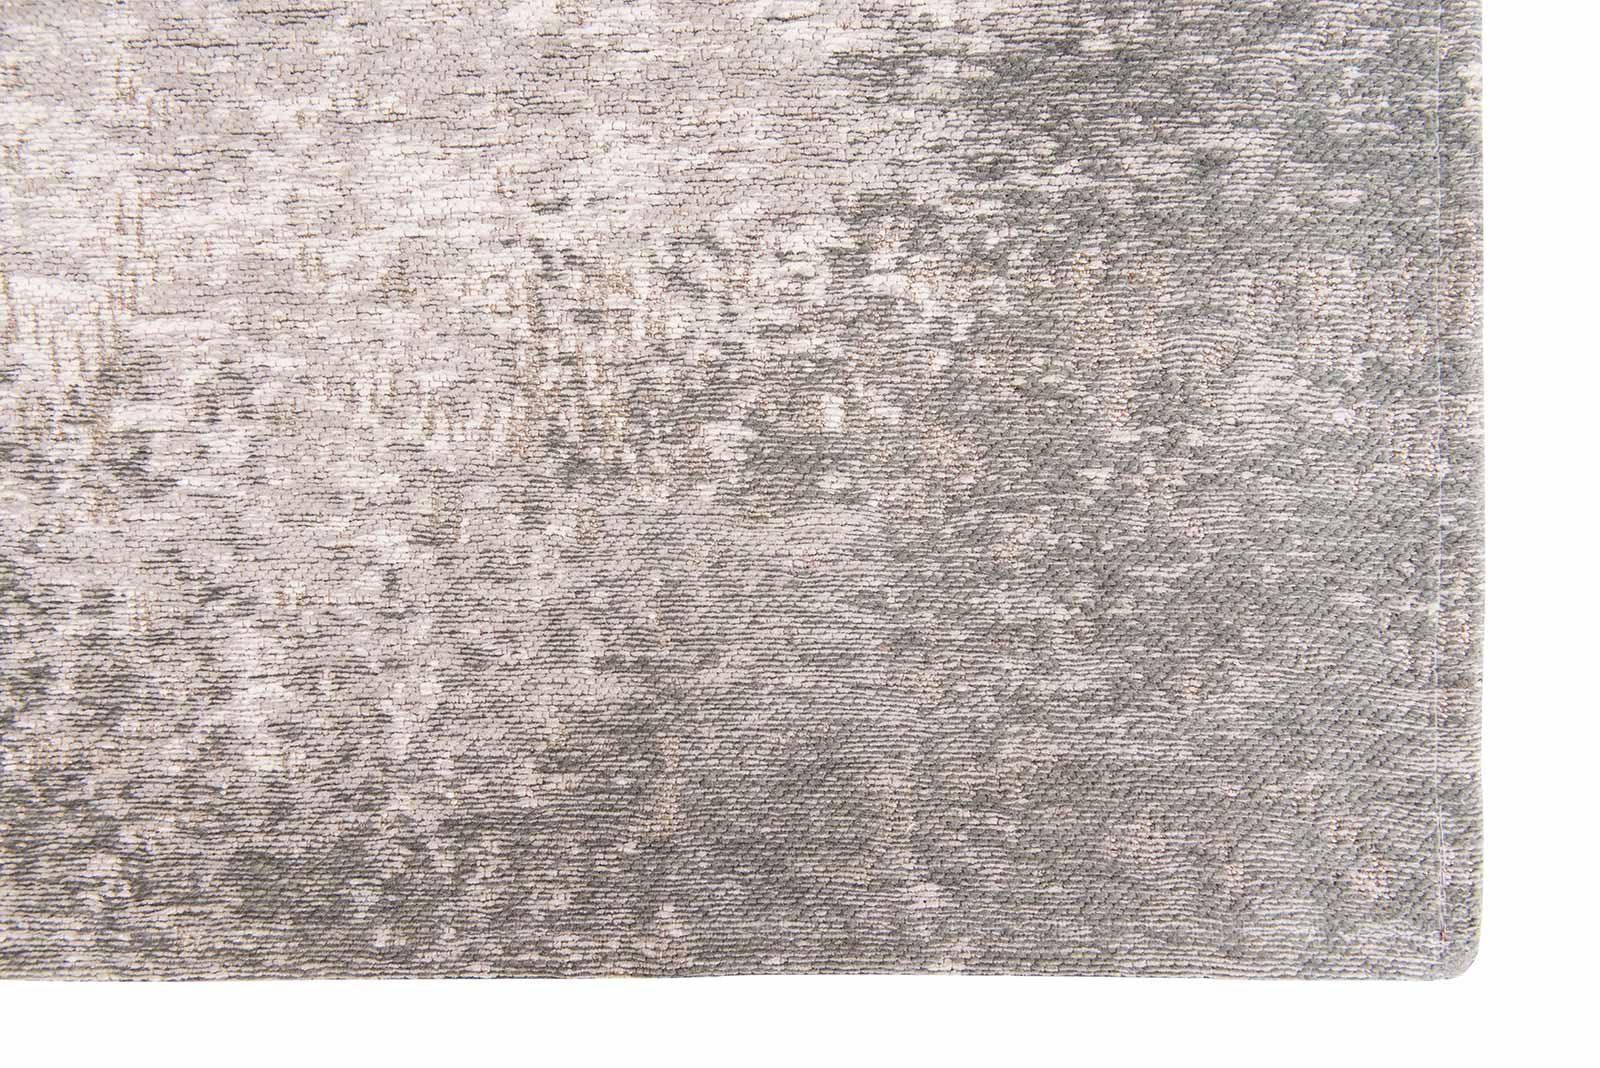 Louis De Poortere alfombras Villa Nova LX 8772 Marka Dove corner